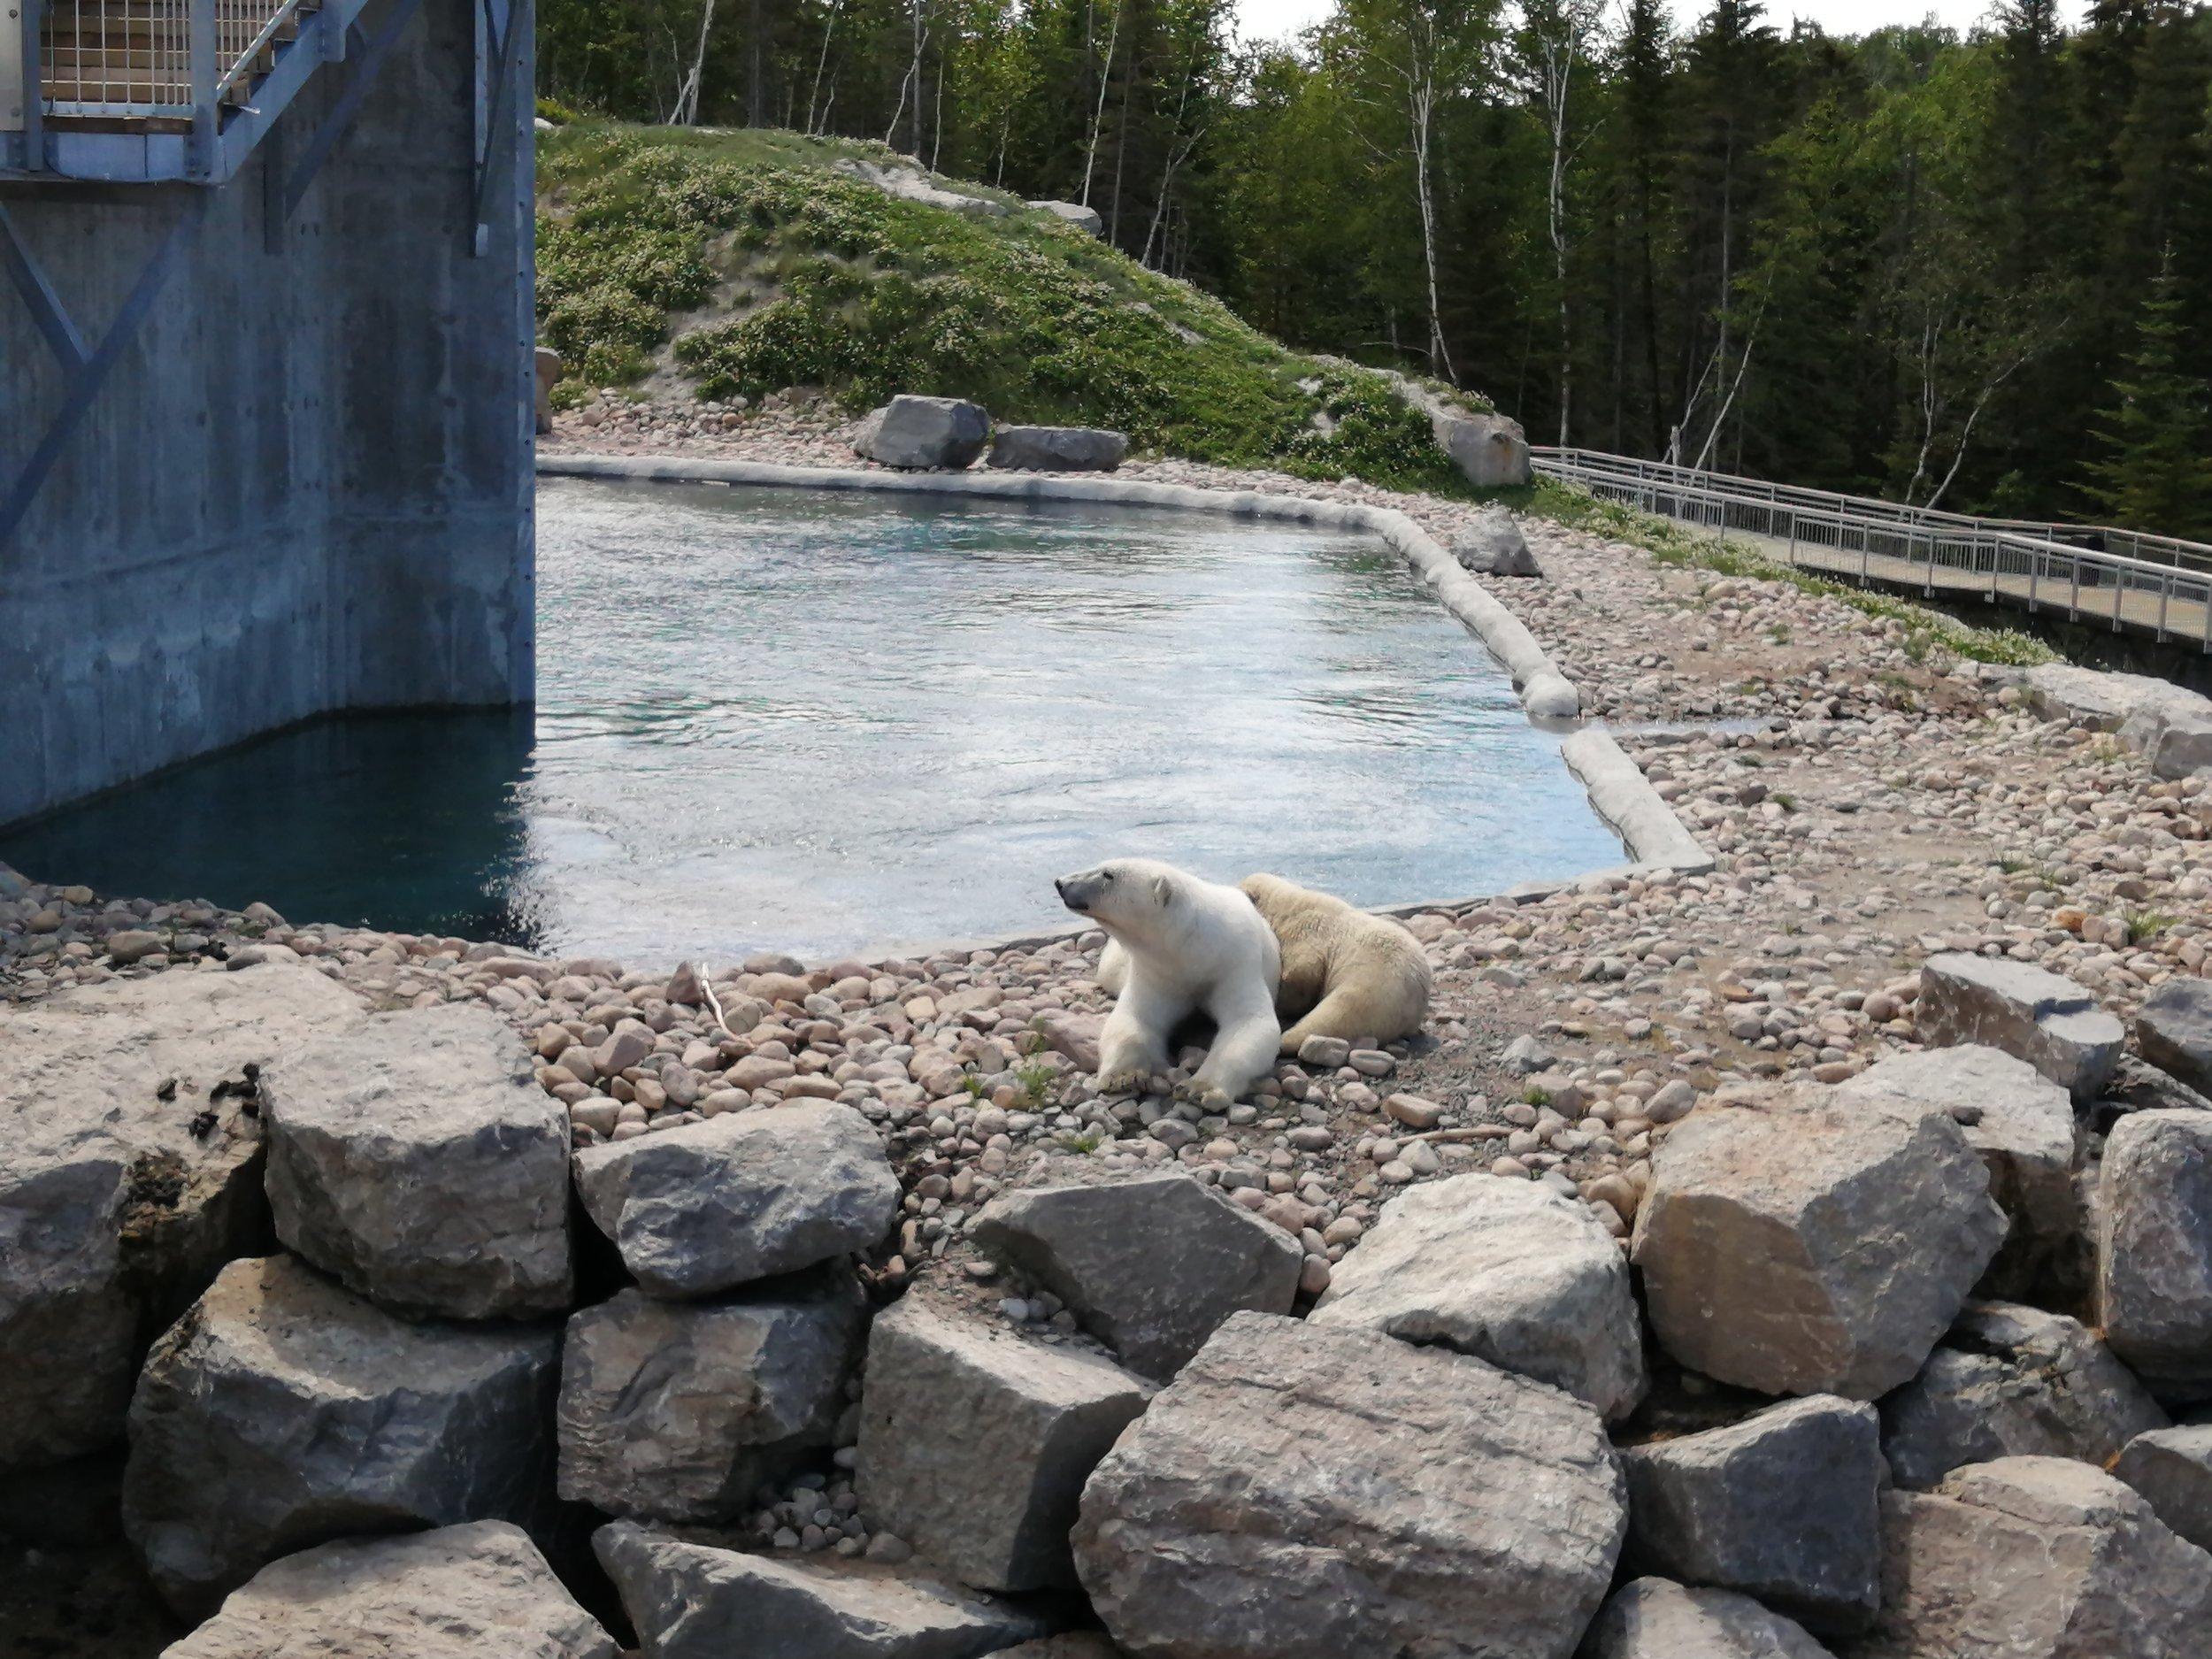 voyage-famille-lac-saint-jean-wow-zoo-sauvage-ours-polaire-nouveauté